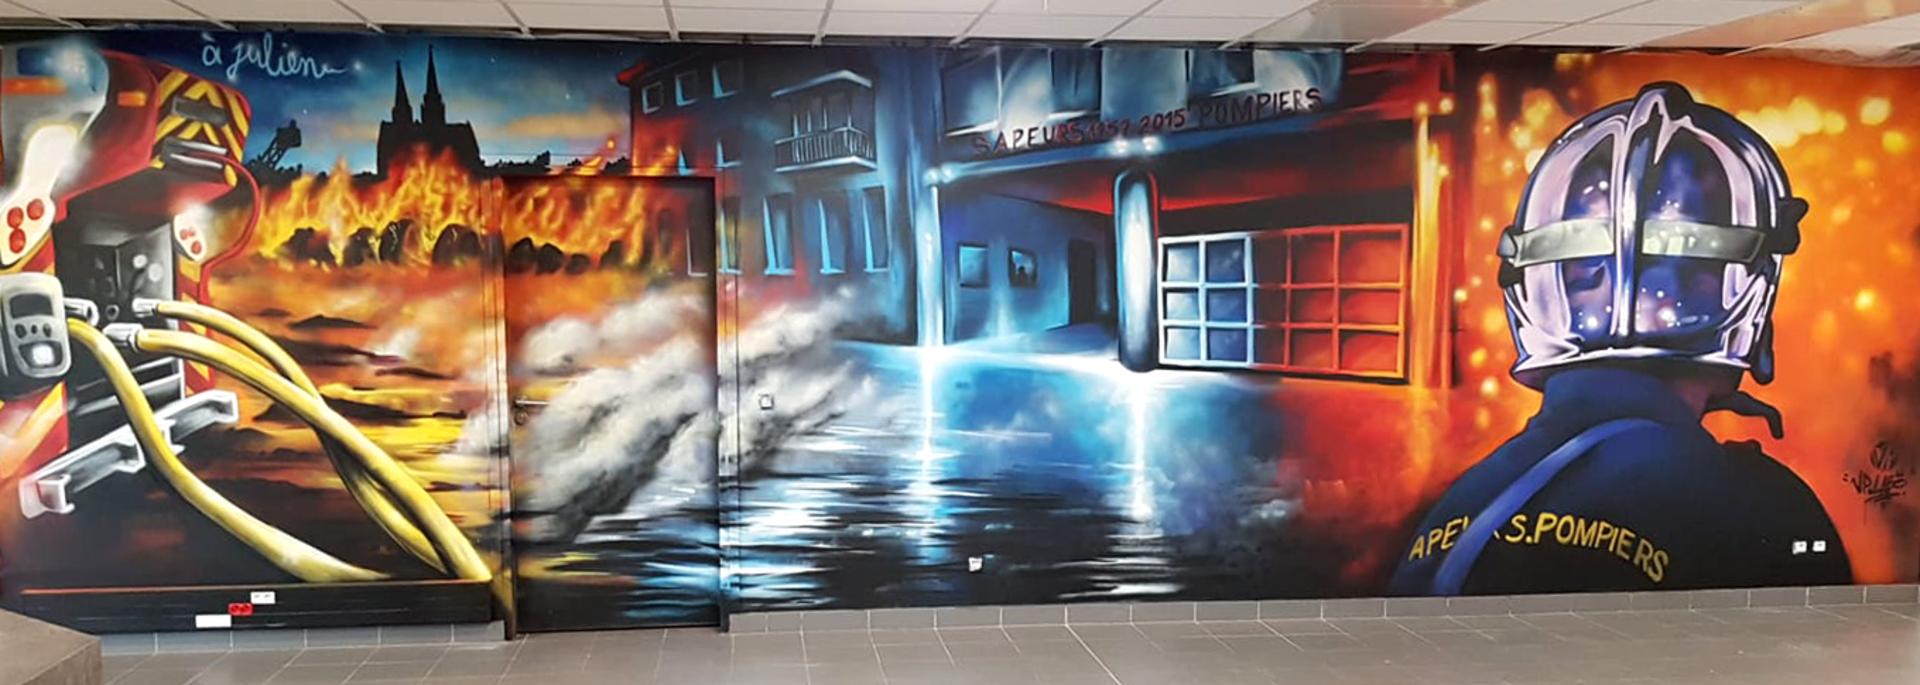 Fresque street art de Vincent Pascal à la caserne de pompiers de Champhol